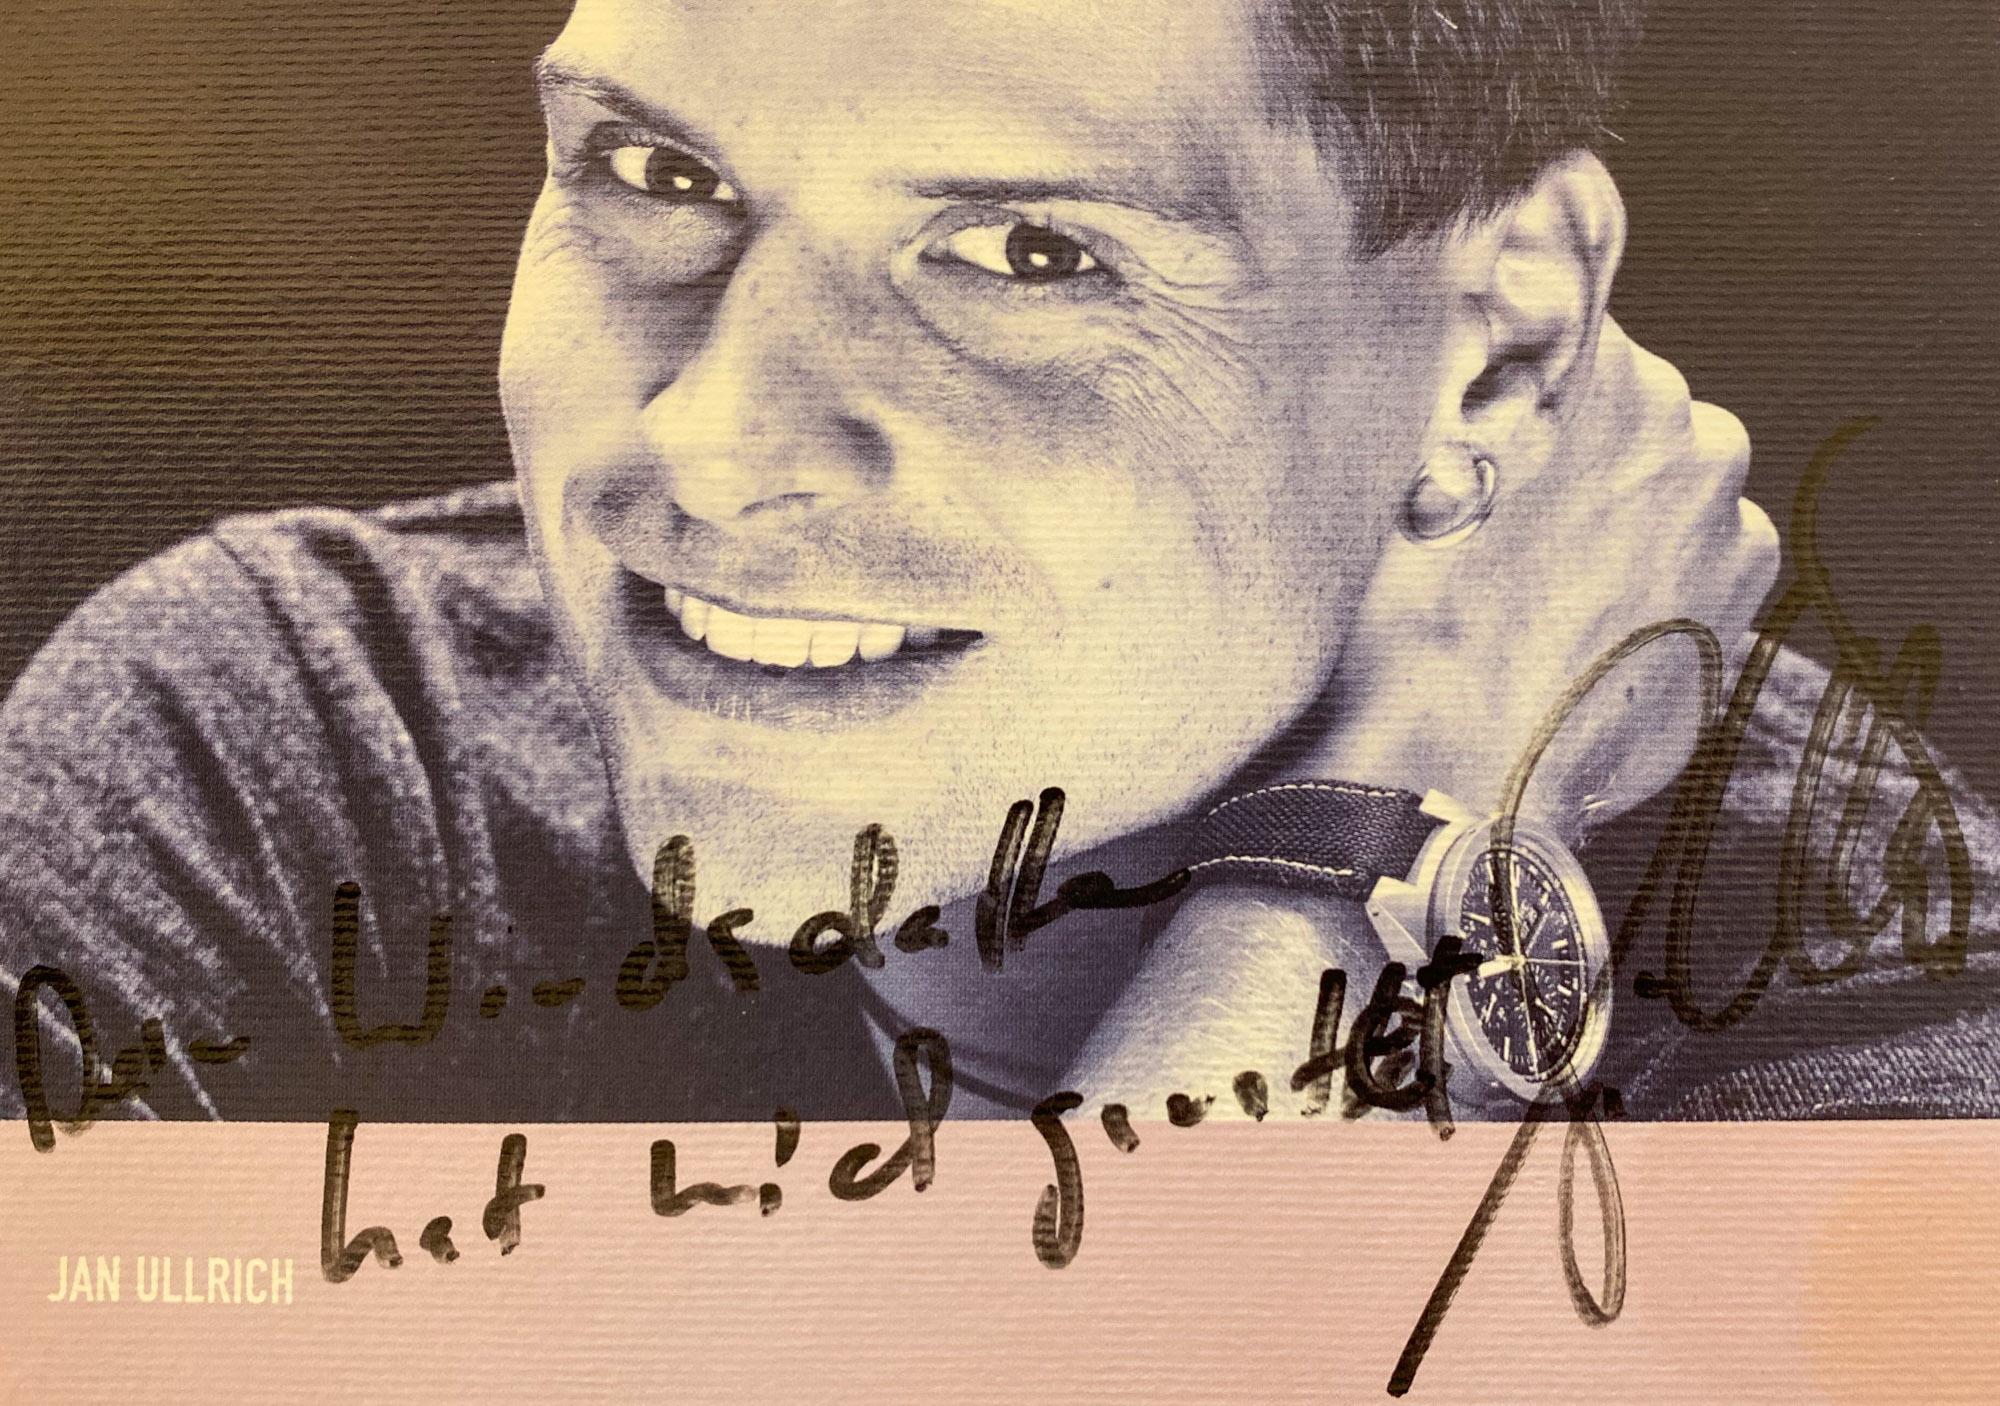 Ein Autogramm von Jan Ullrich